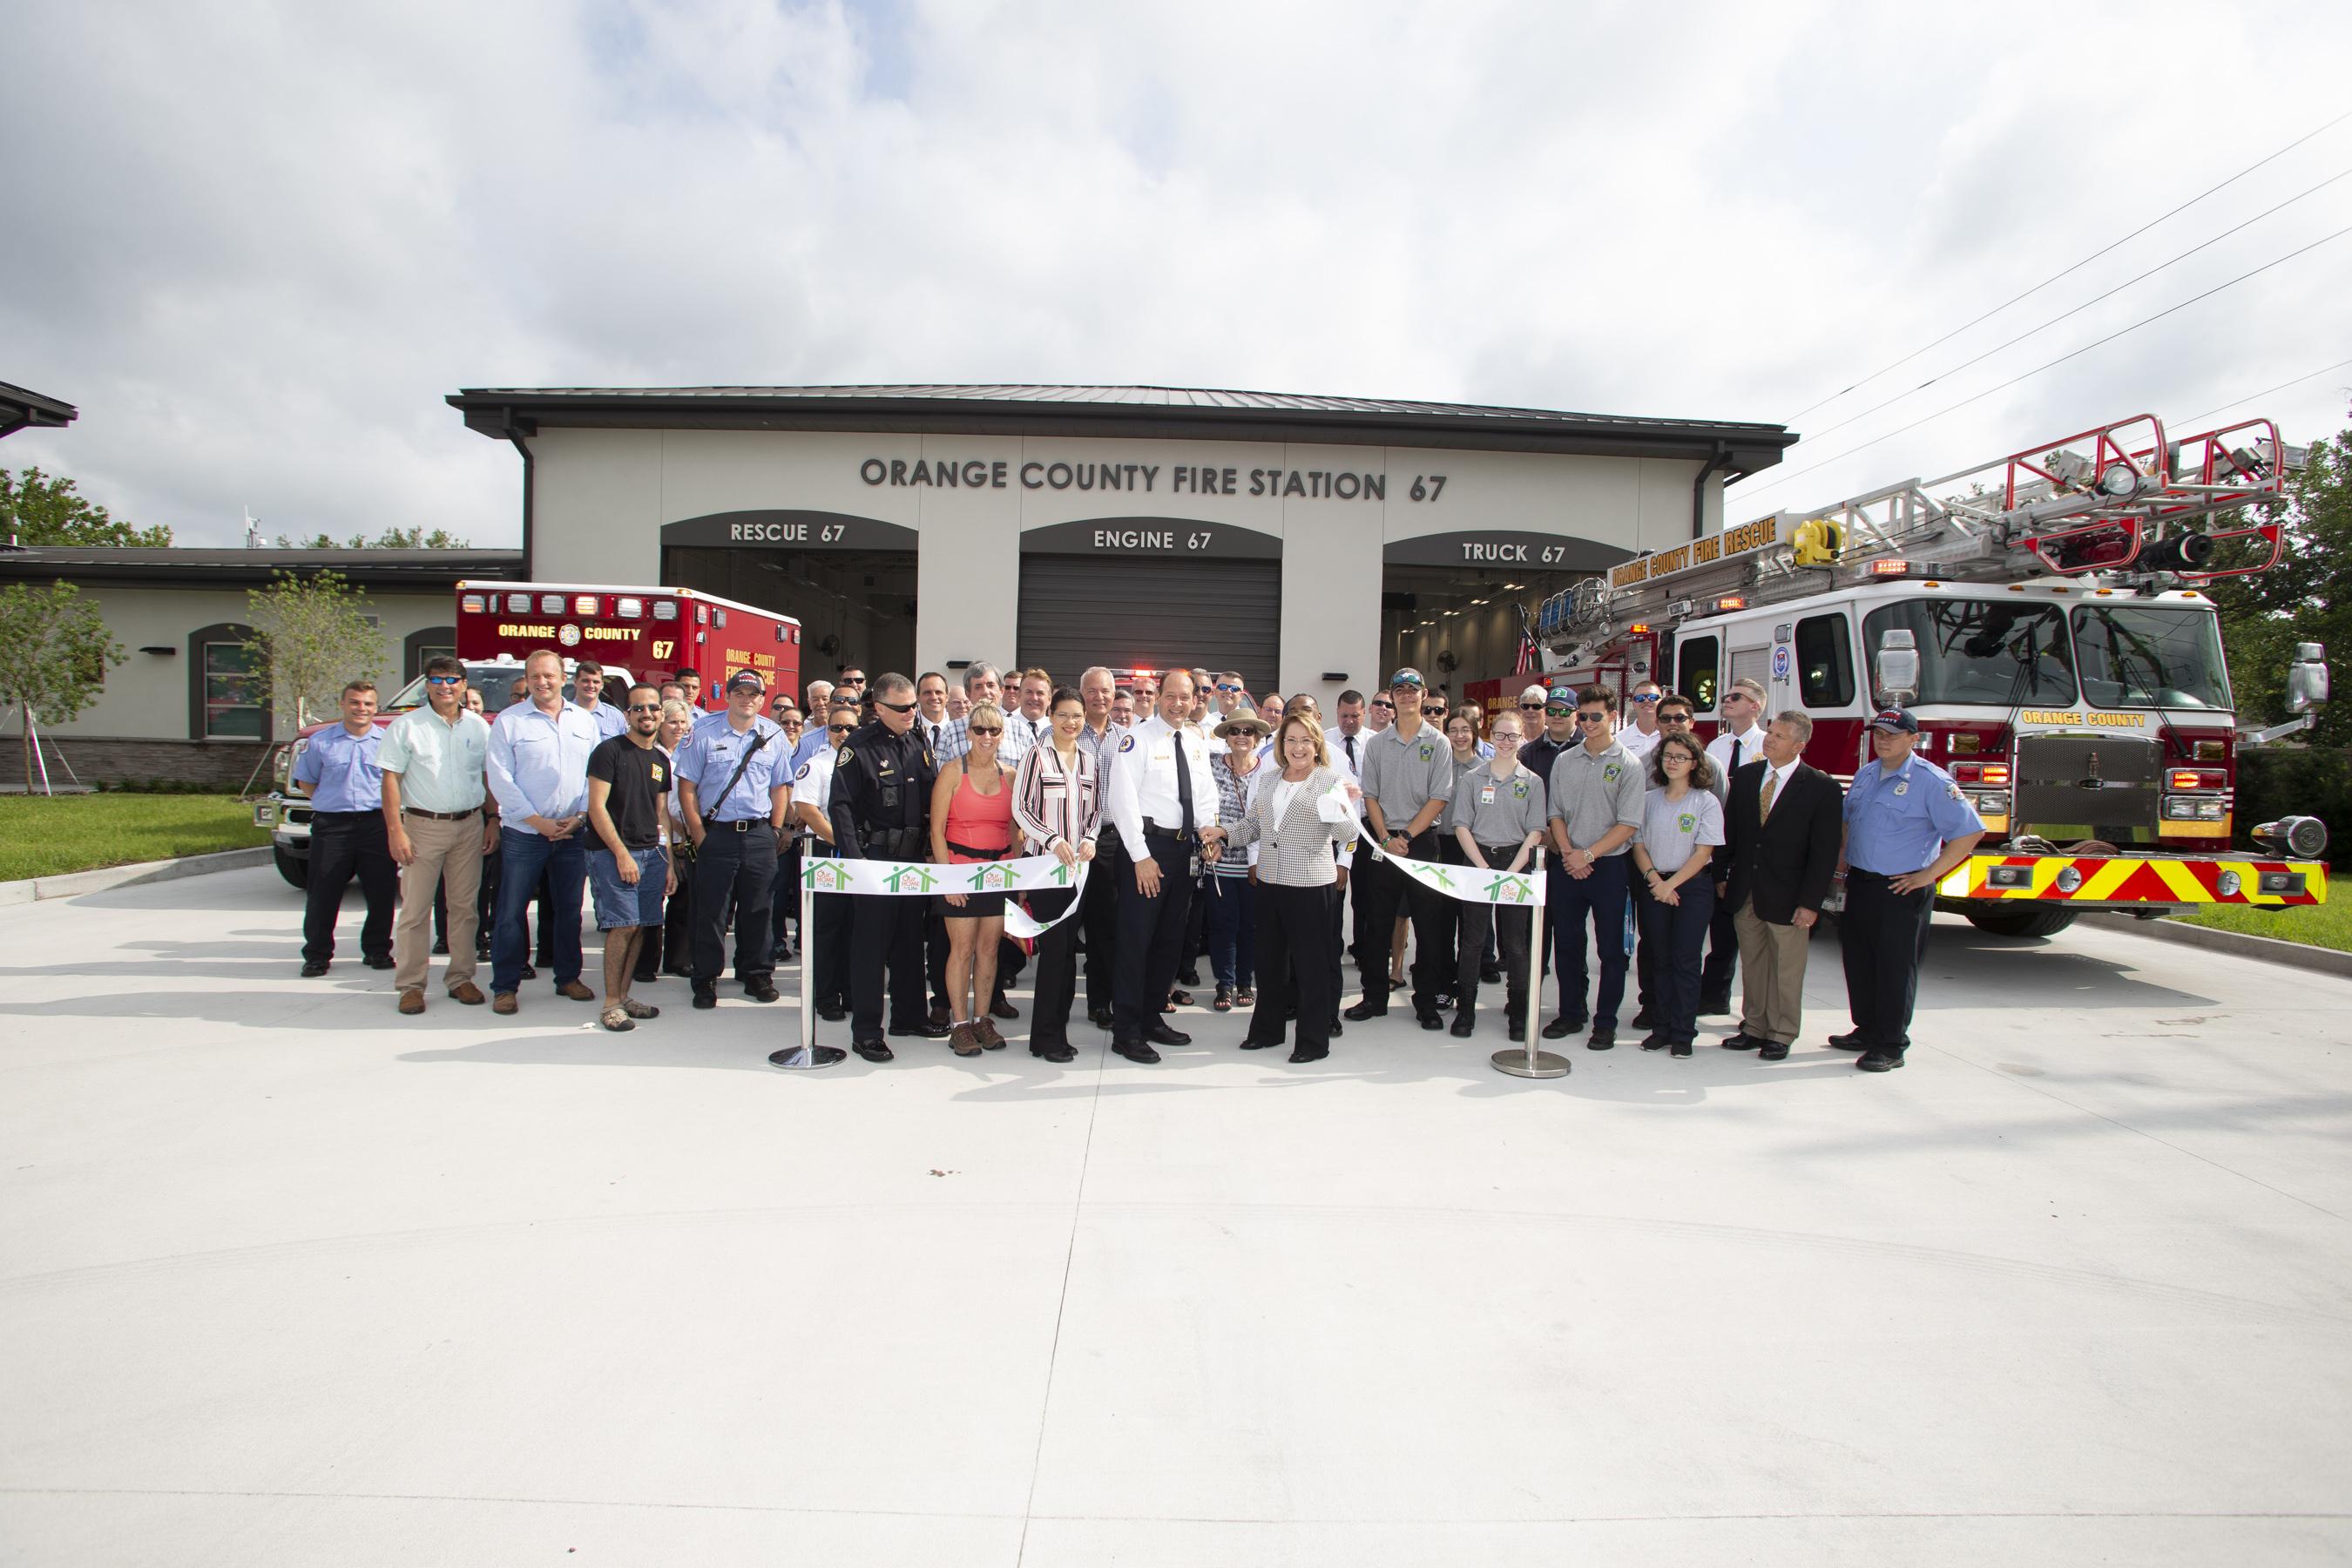 La Alcaldesa Jacobs, el Jefe de Bomberos Drozd y otras personas posan para una foto en la ceremonia de corte de cinta